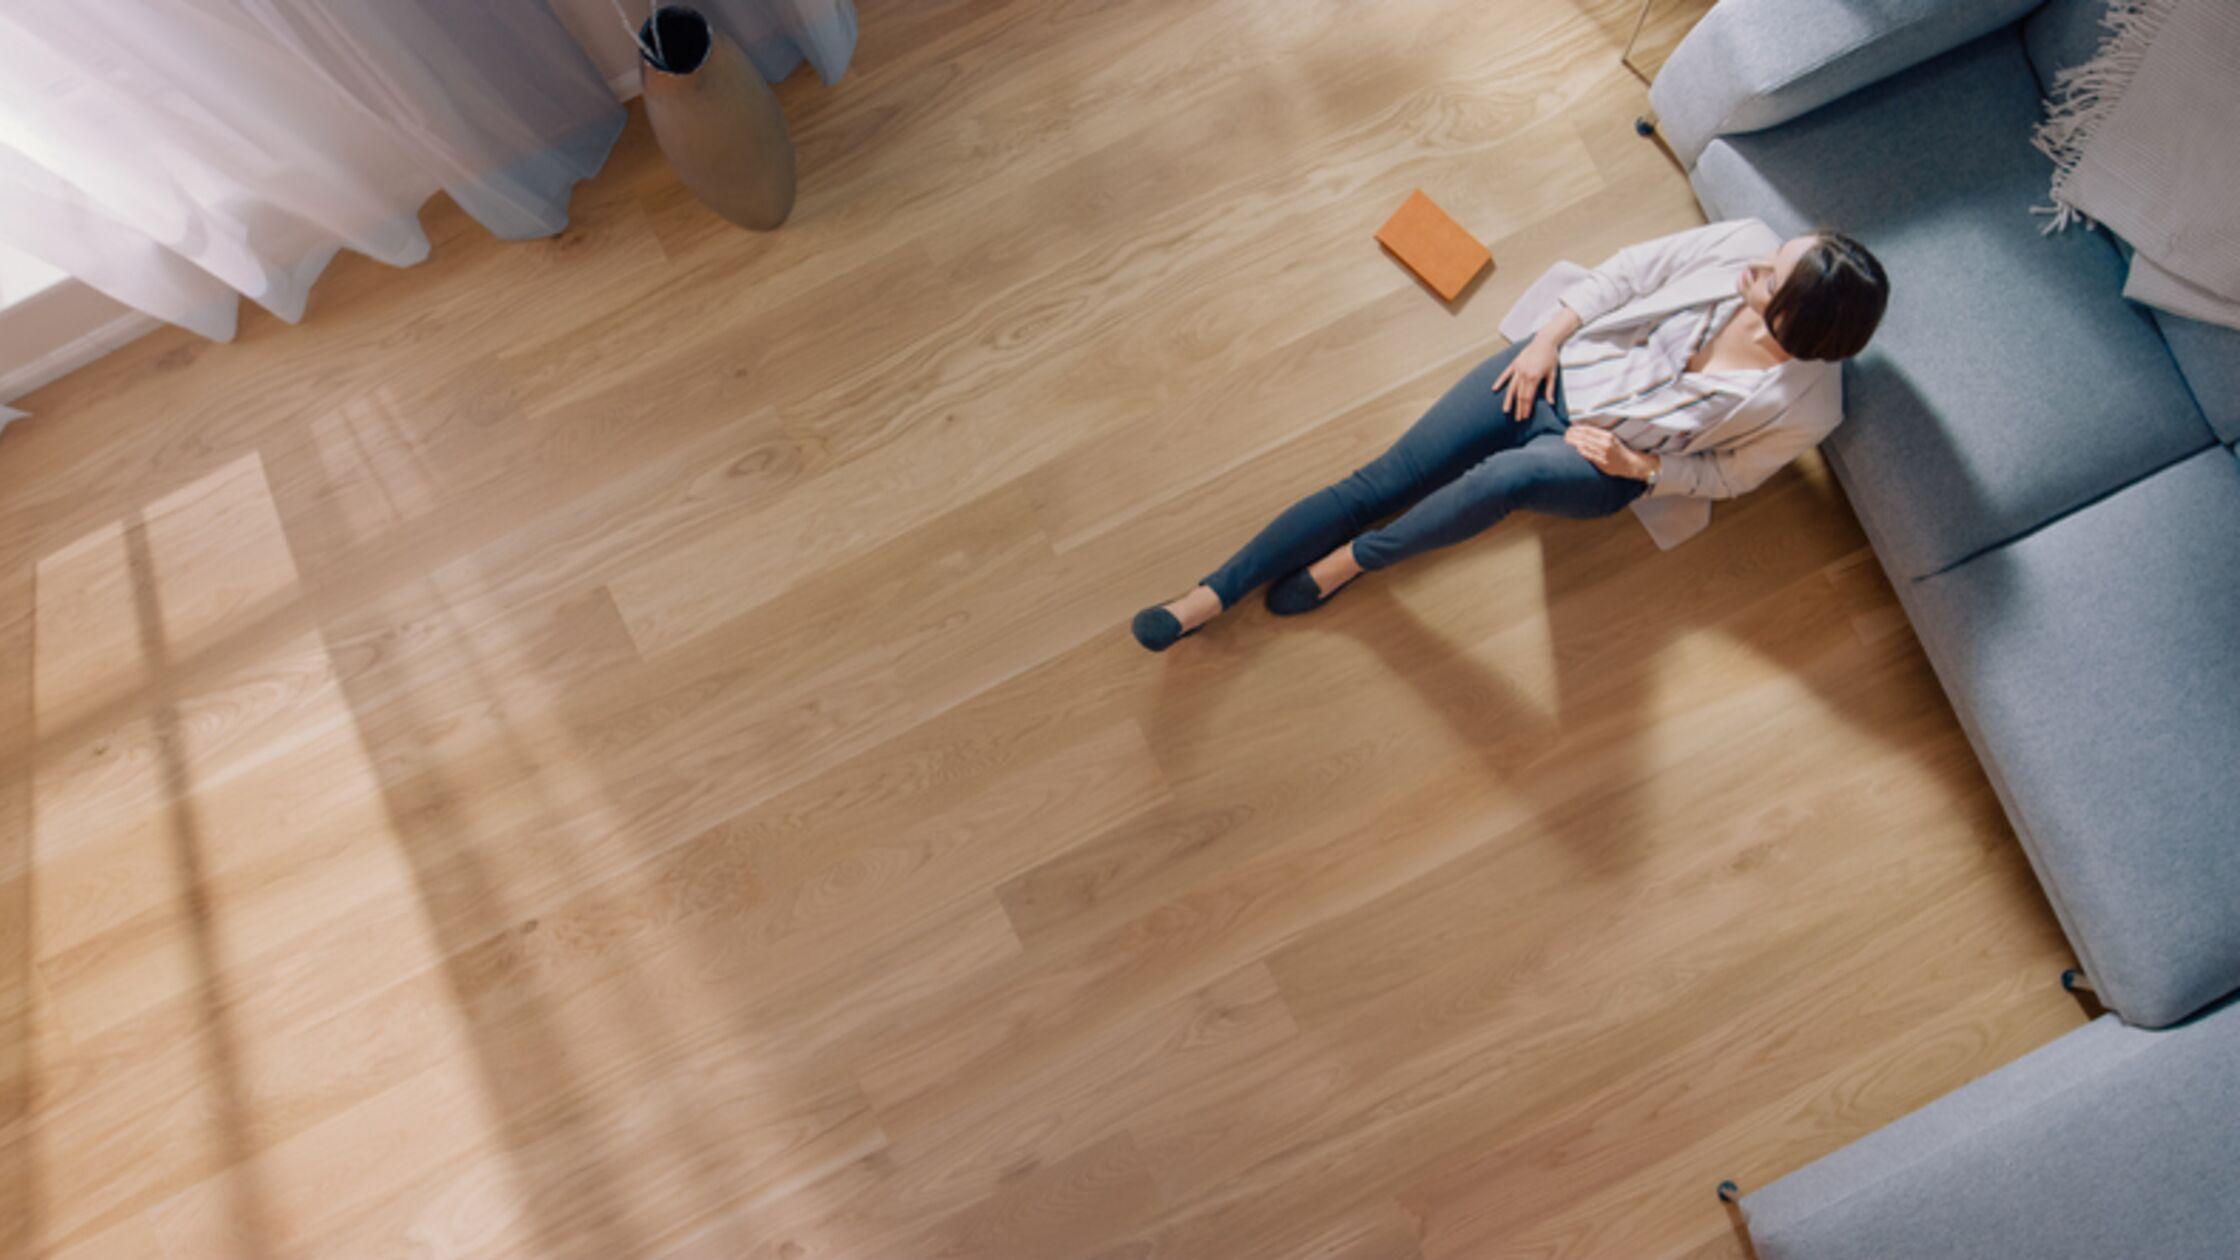 Frau sitzt auf Parkettboden